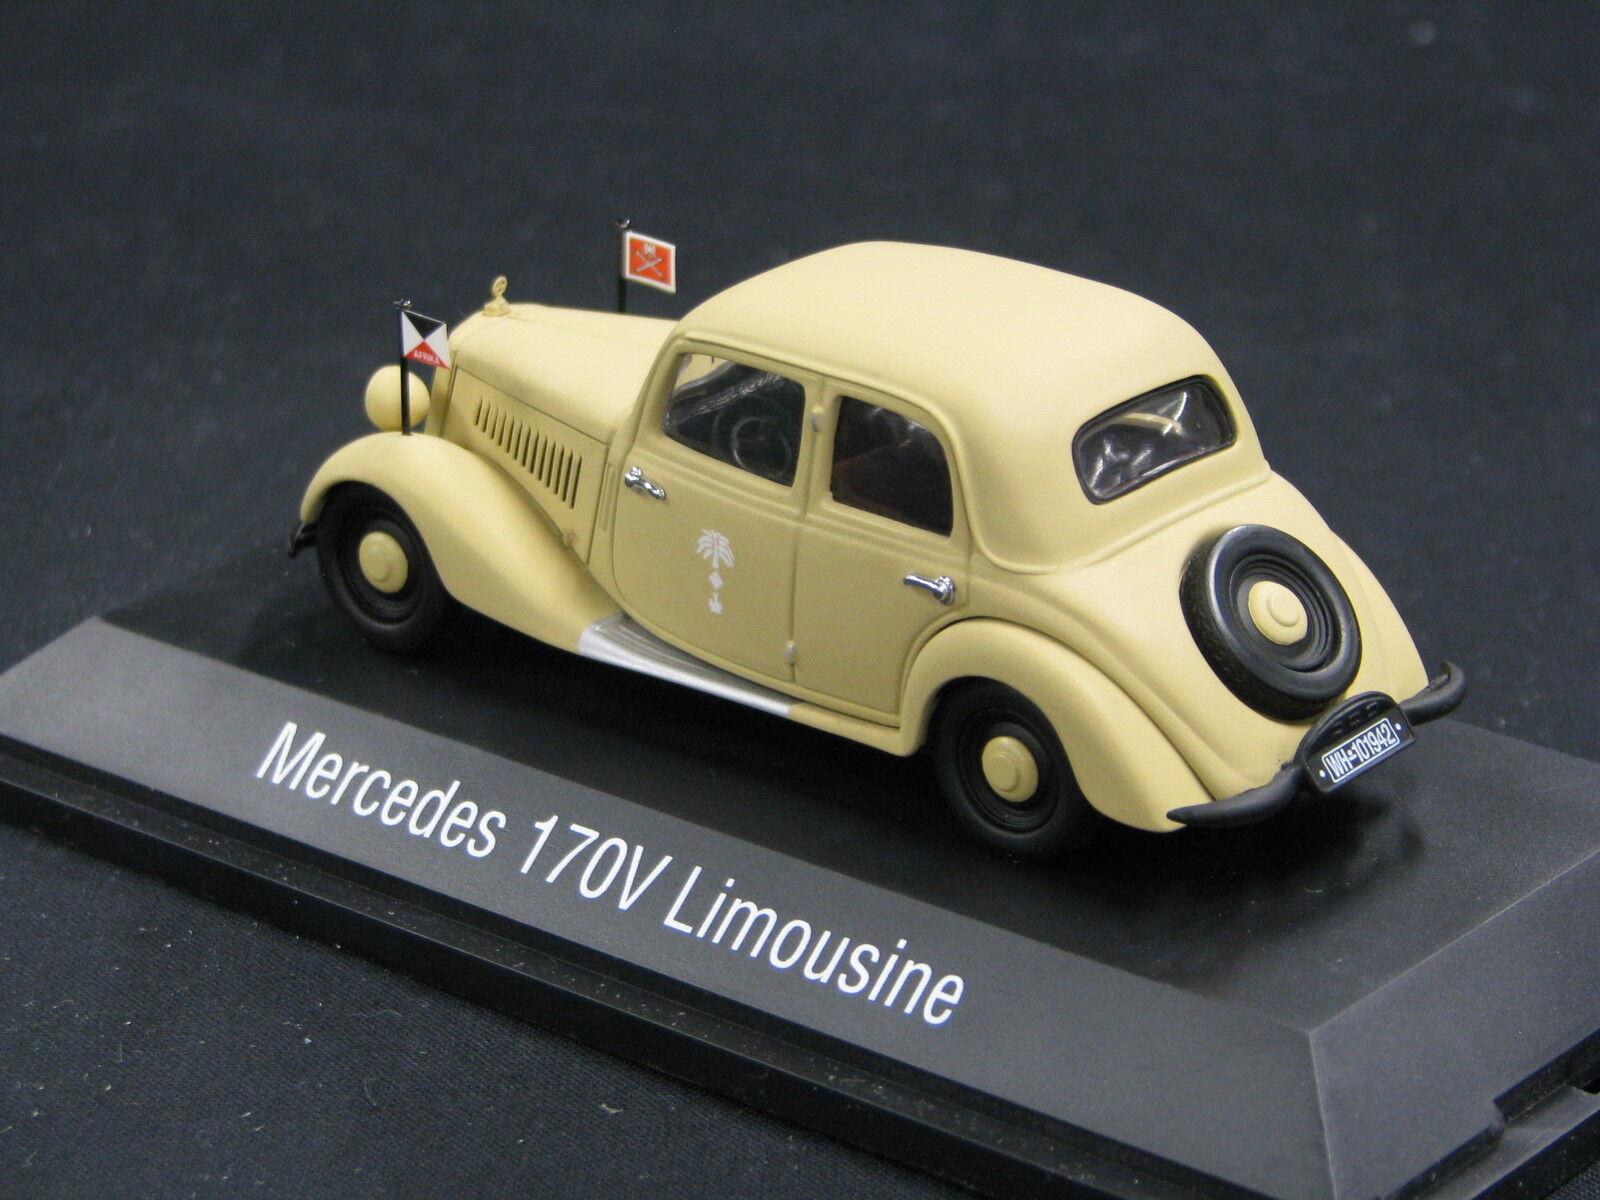 Schuco Mercedes-Benz 170 V Limousine 1 43 43 43 Sand  Wüstenfuchs  (JS) 7a1baa